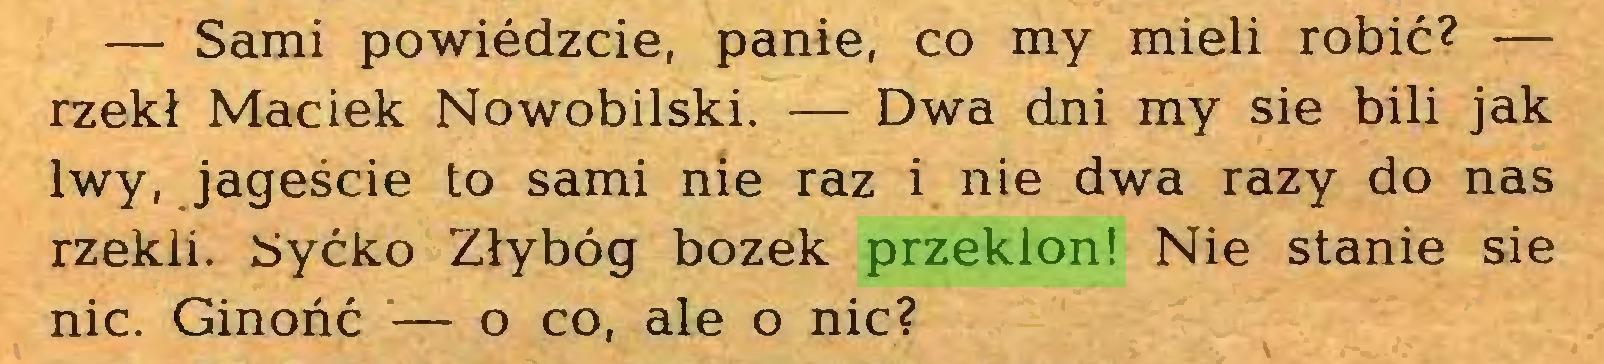 (...) — Sami powiedzcie, panie, co my mieli robić? — rzekł Maciek Nowobilski. — Dwa dni my sie bili jak lwy, jageście to sami nie raz i nie dwa razy do nas rzekli. Syćko Złybóg bożek przeklon! Nie stanie sie nic. Ginońć — o co, ale o nic?...